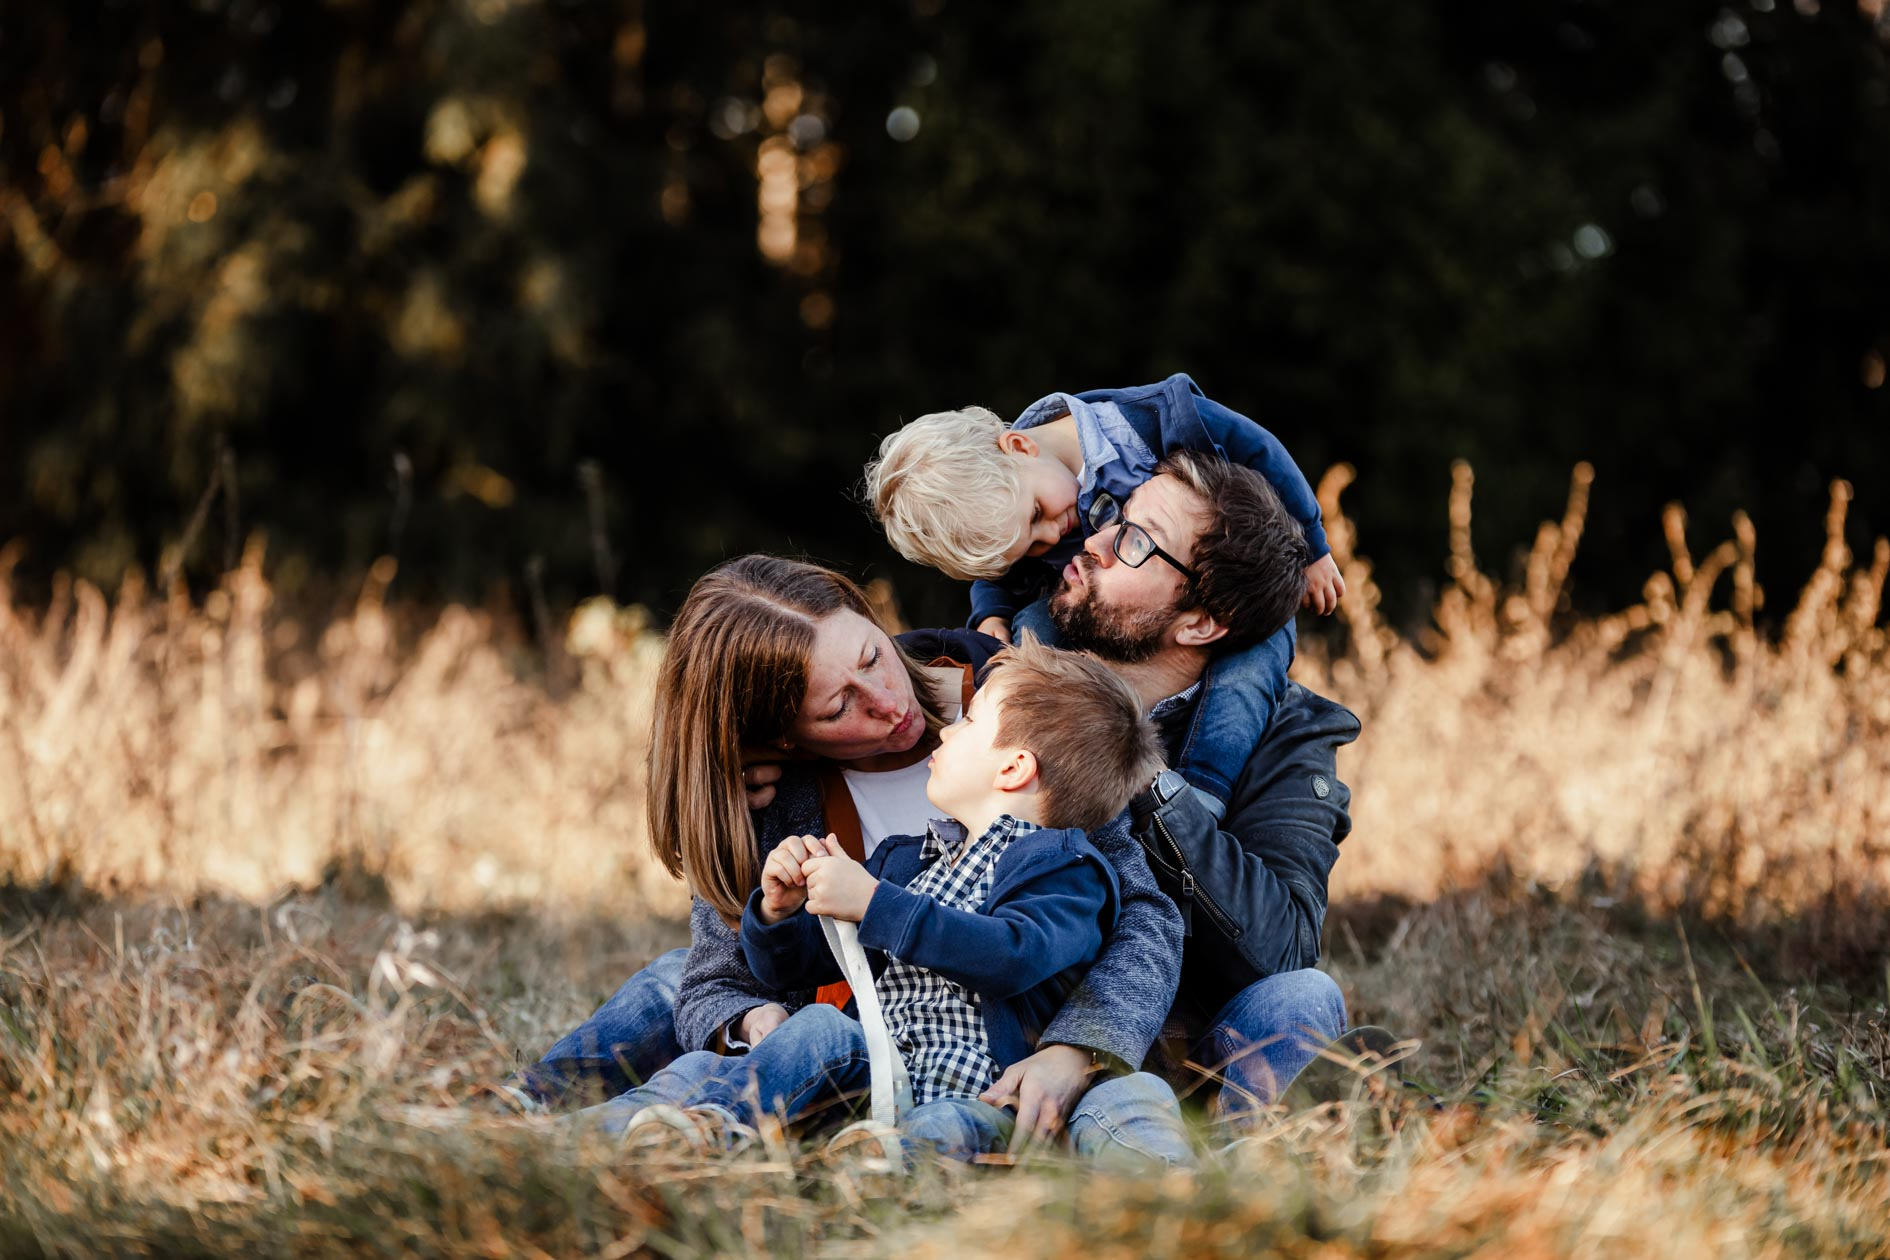 Familie Outdoor im Herbst mit der Lichtzeichnerin Simone Lerner